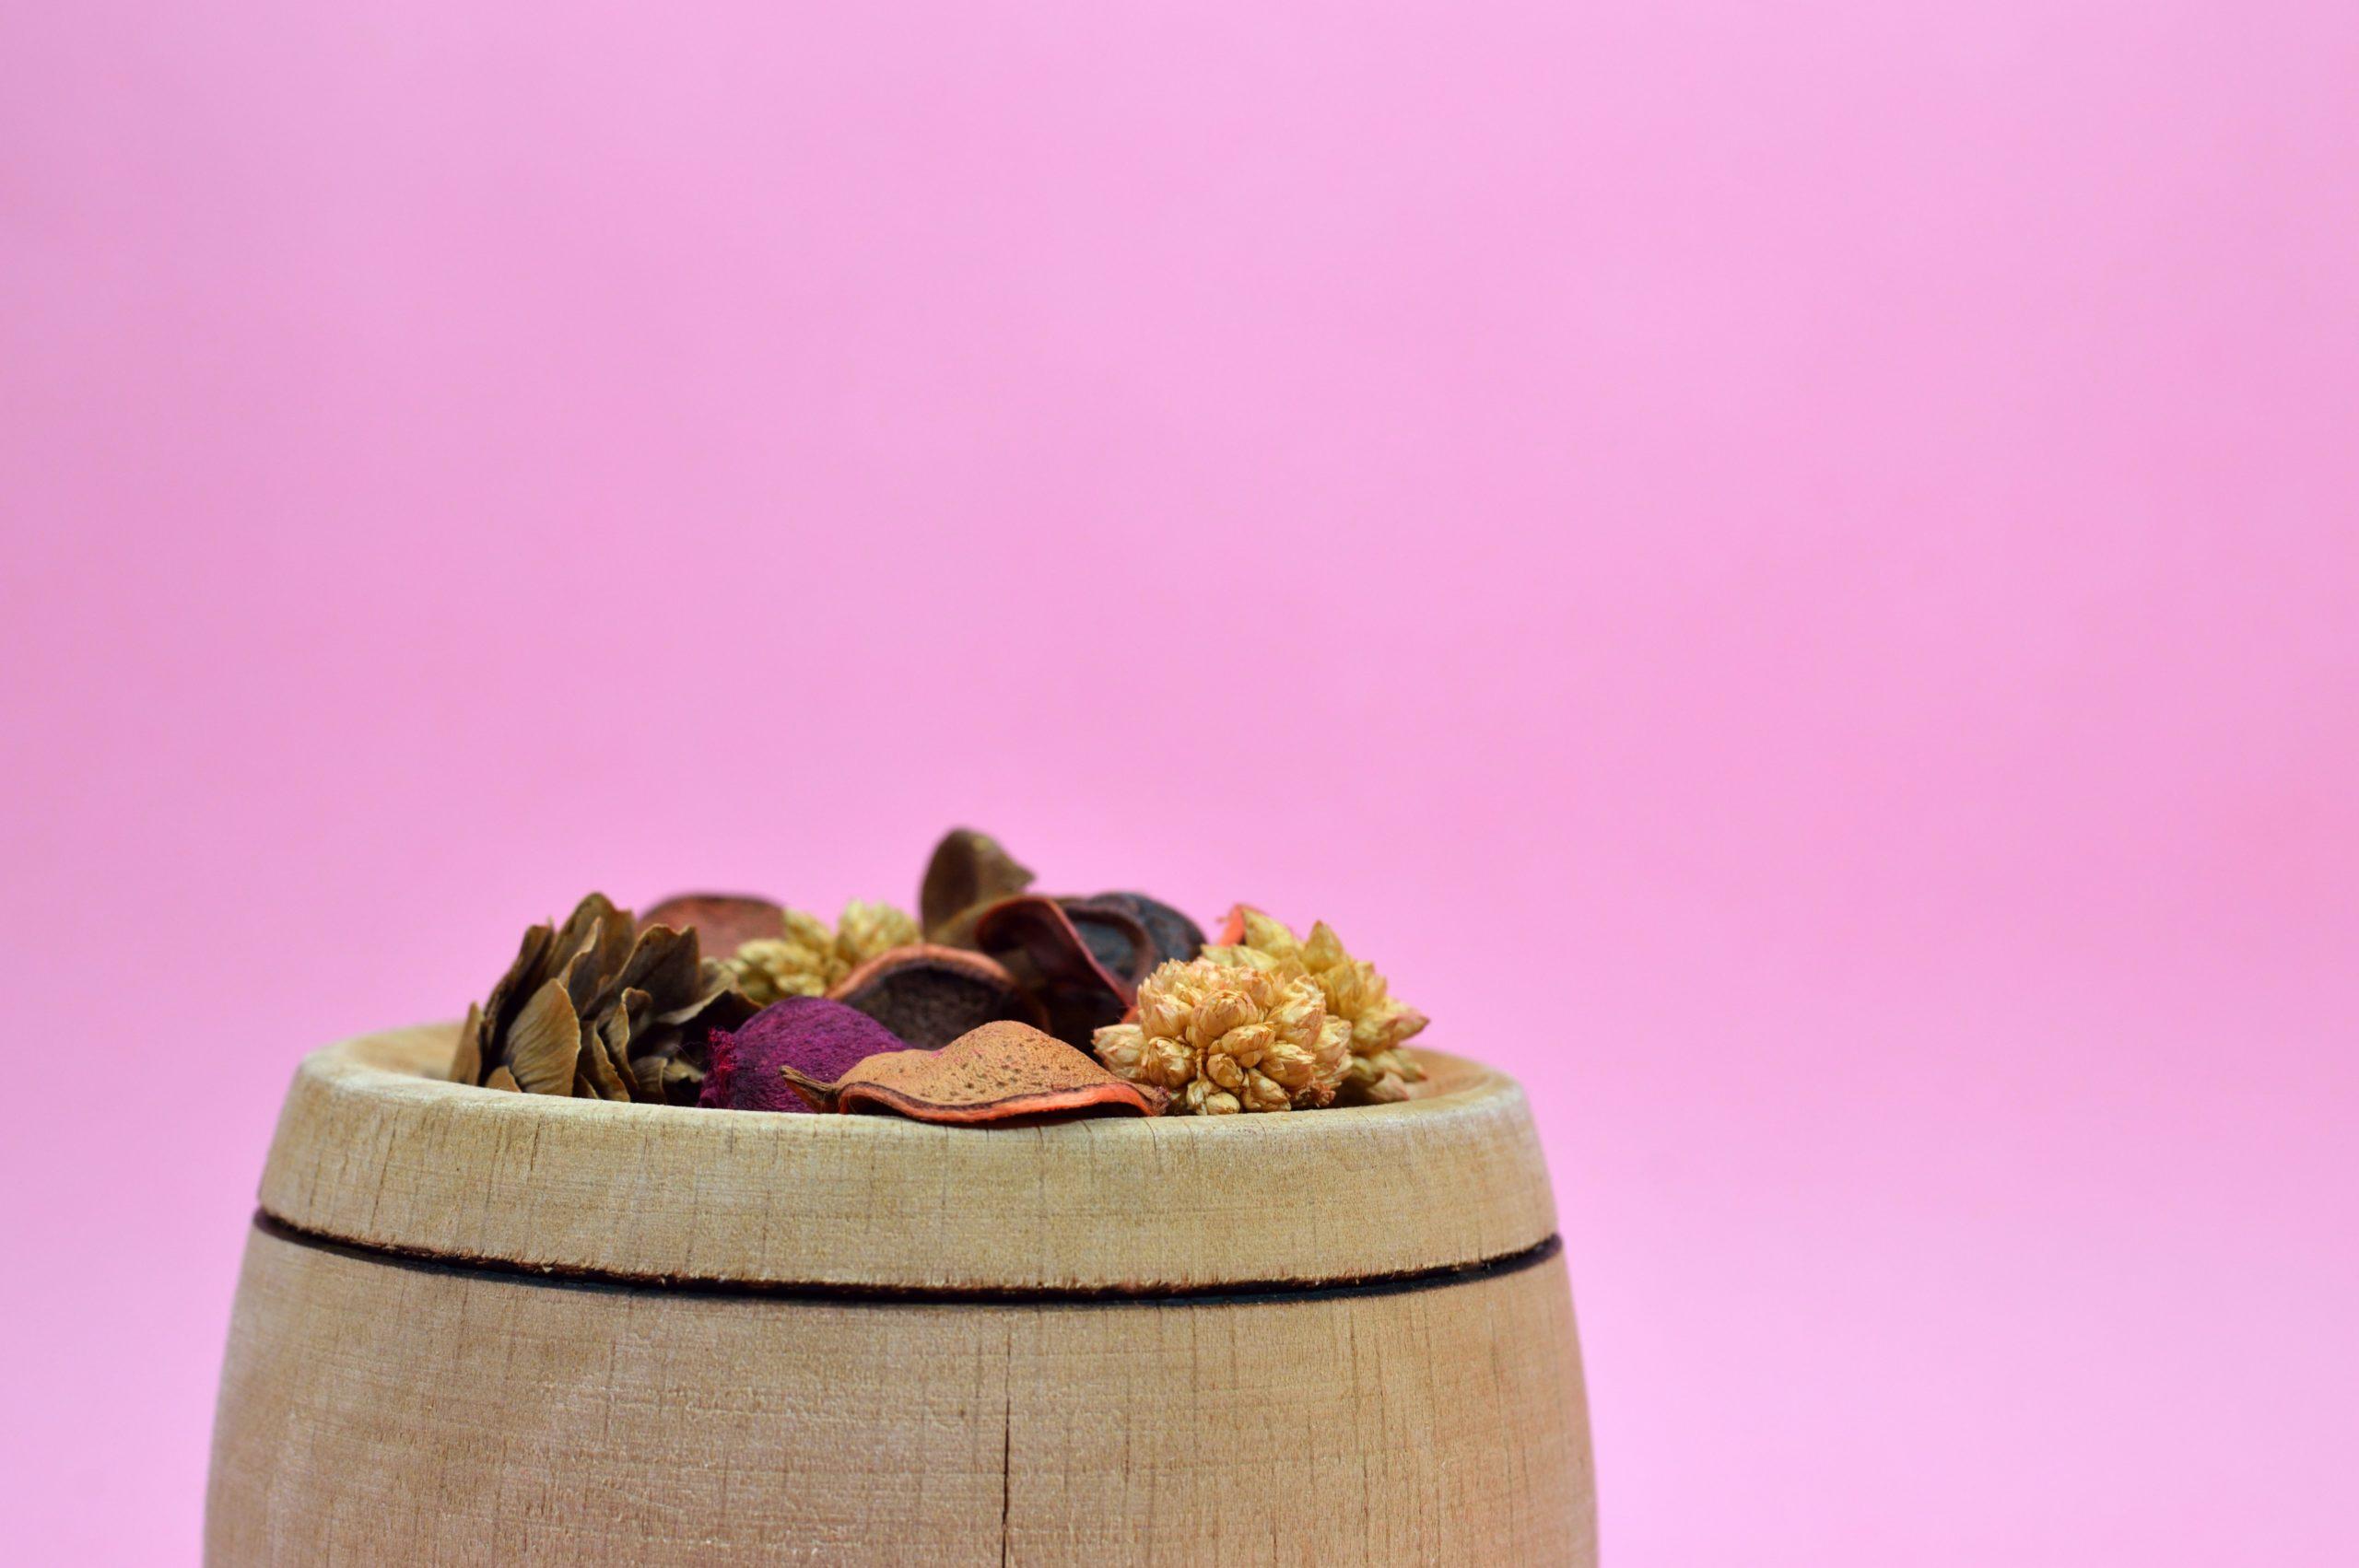 Les pots-pourris au parfum naturel sont un moyen de faire entrer la nature chez soi.